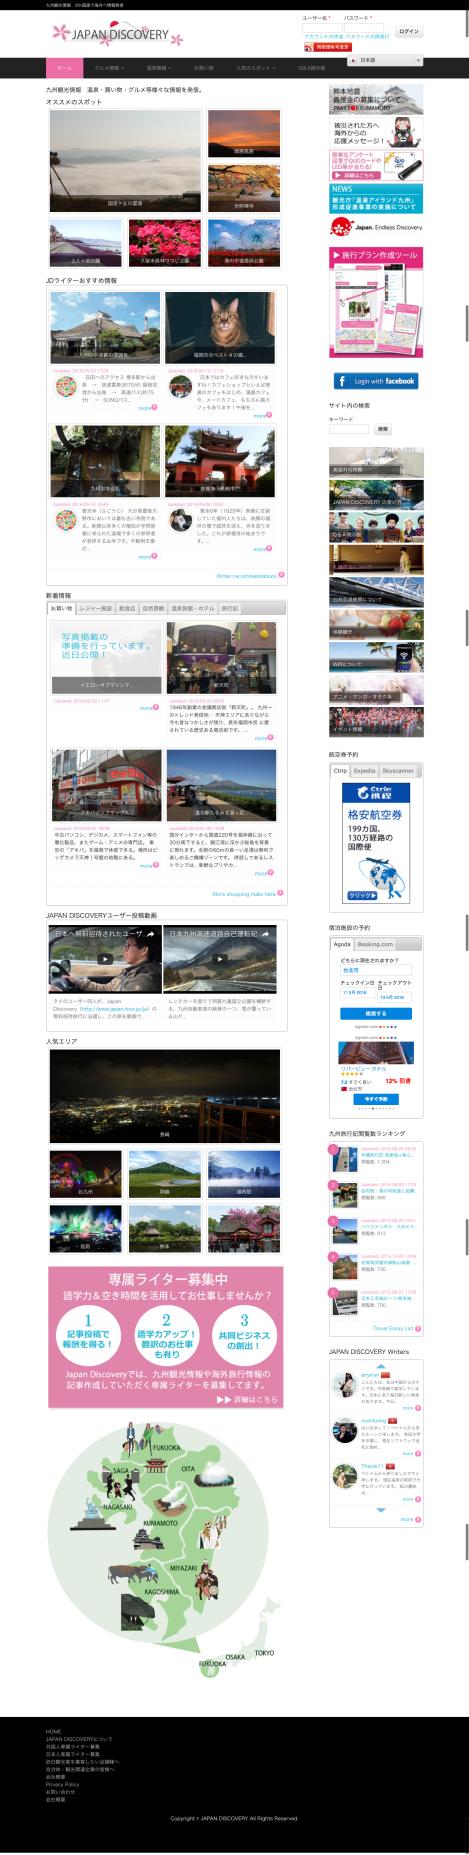 japan-tour-jp_desktop